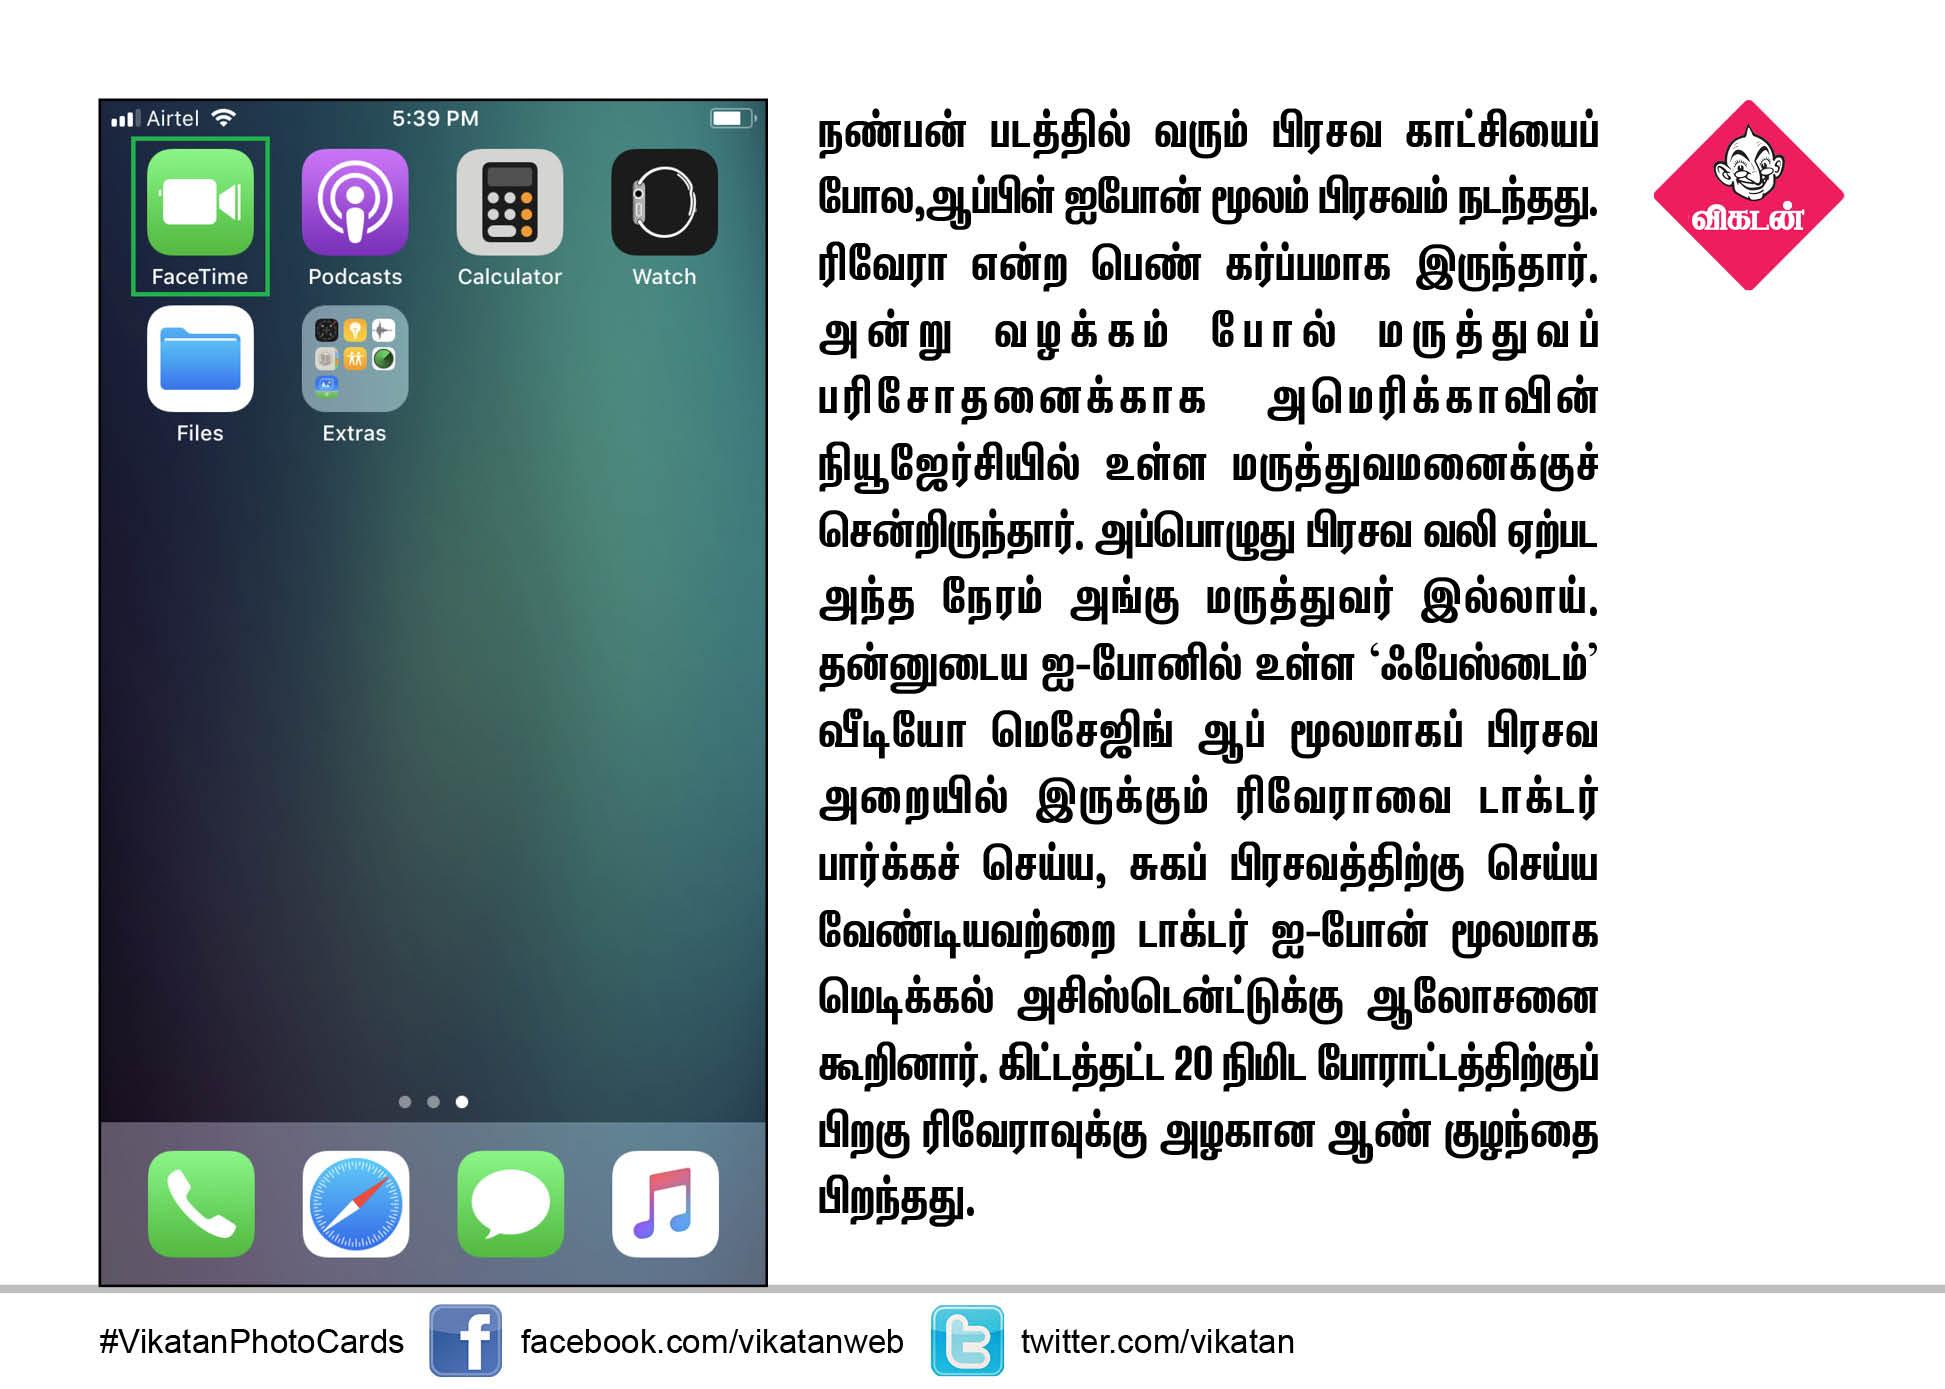 ஐபோனுக்காக நடந்த அலப்பறைகளும் சில சுவாரஸ்ய சம்பவங்களும்..! #VikatanPhotoCards தொகுப்பு: ர.ரகுபதி